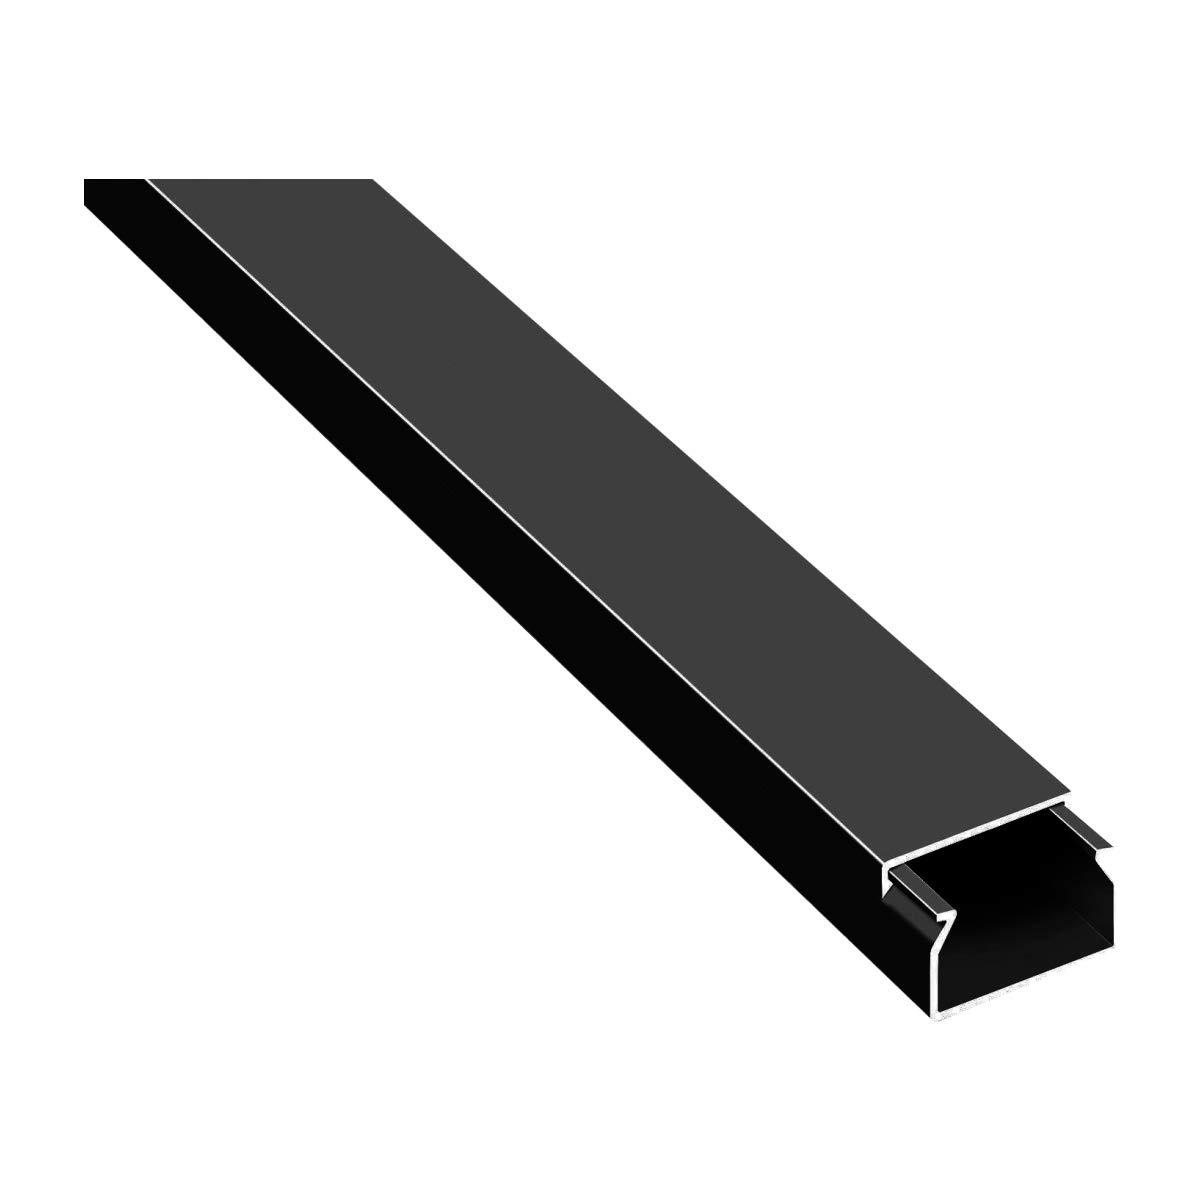 20m Kabelkan/äle Selbstklebend Kabelkanal Schwarz mit Schaumklebeband fertig f/ür die Montage 12x12mm BxH